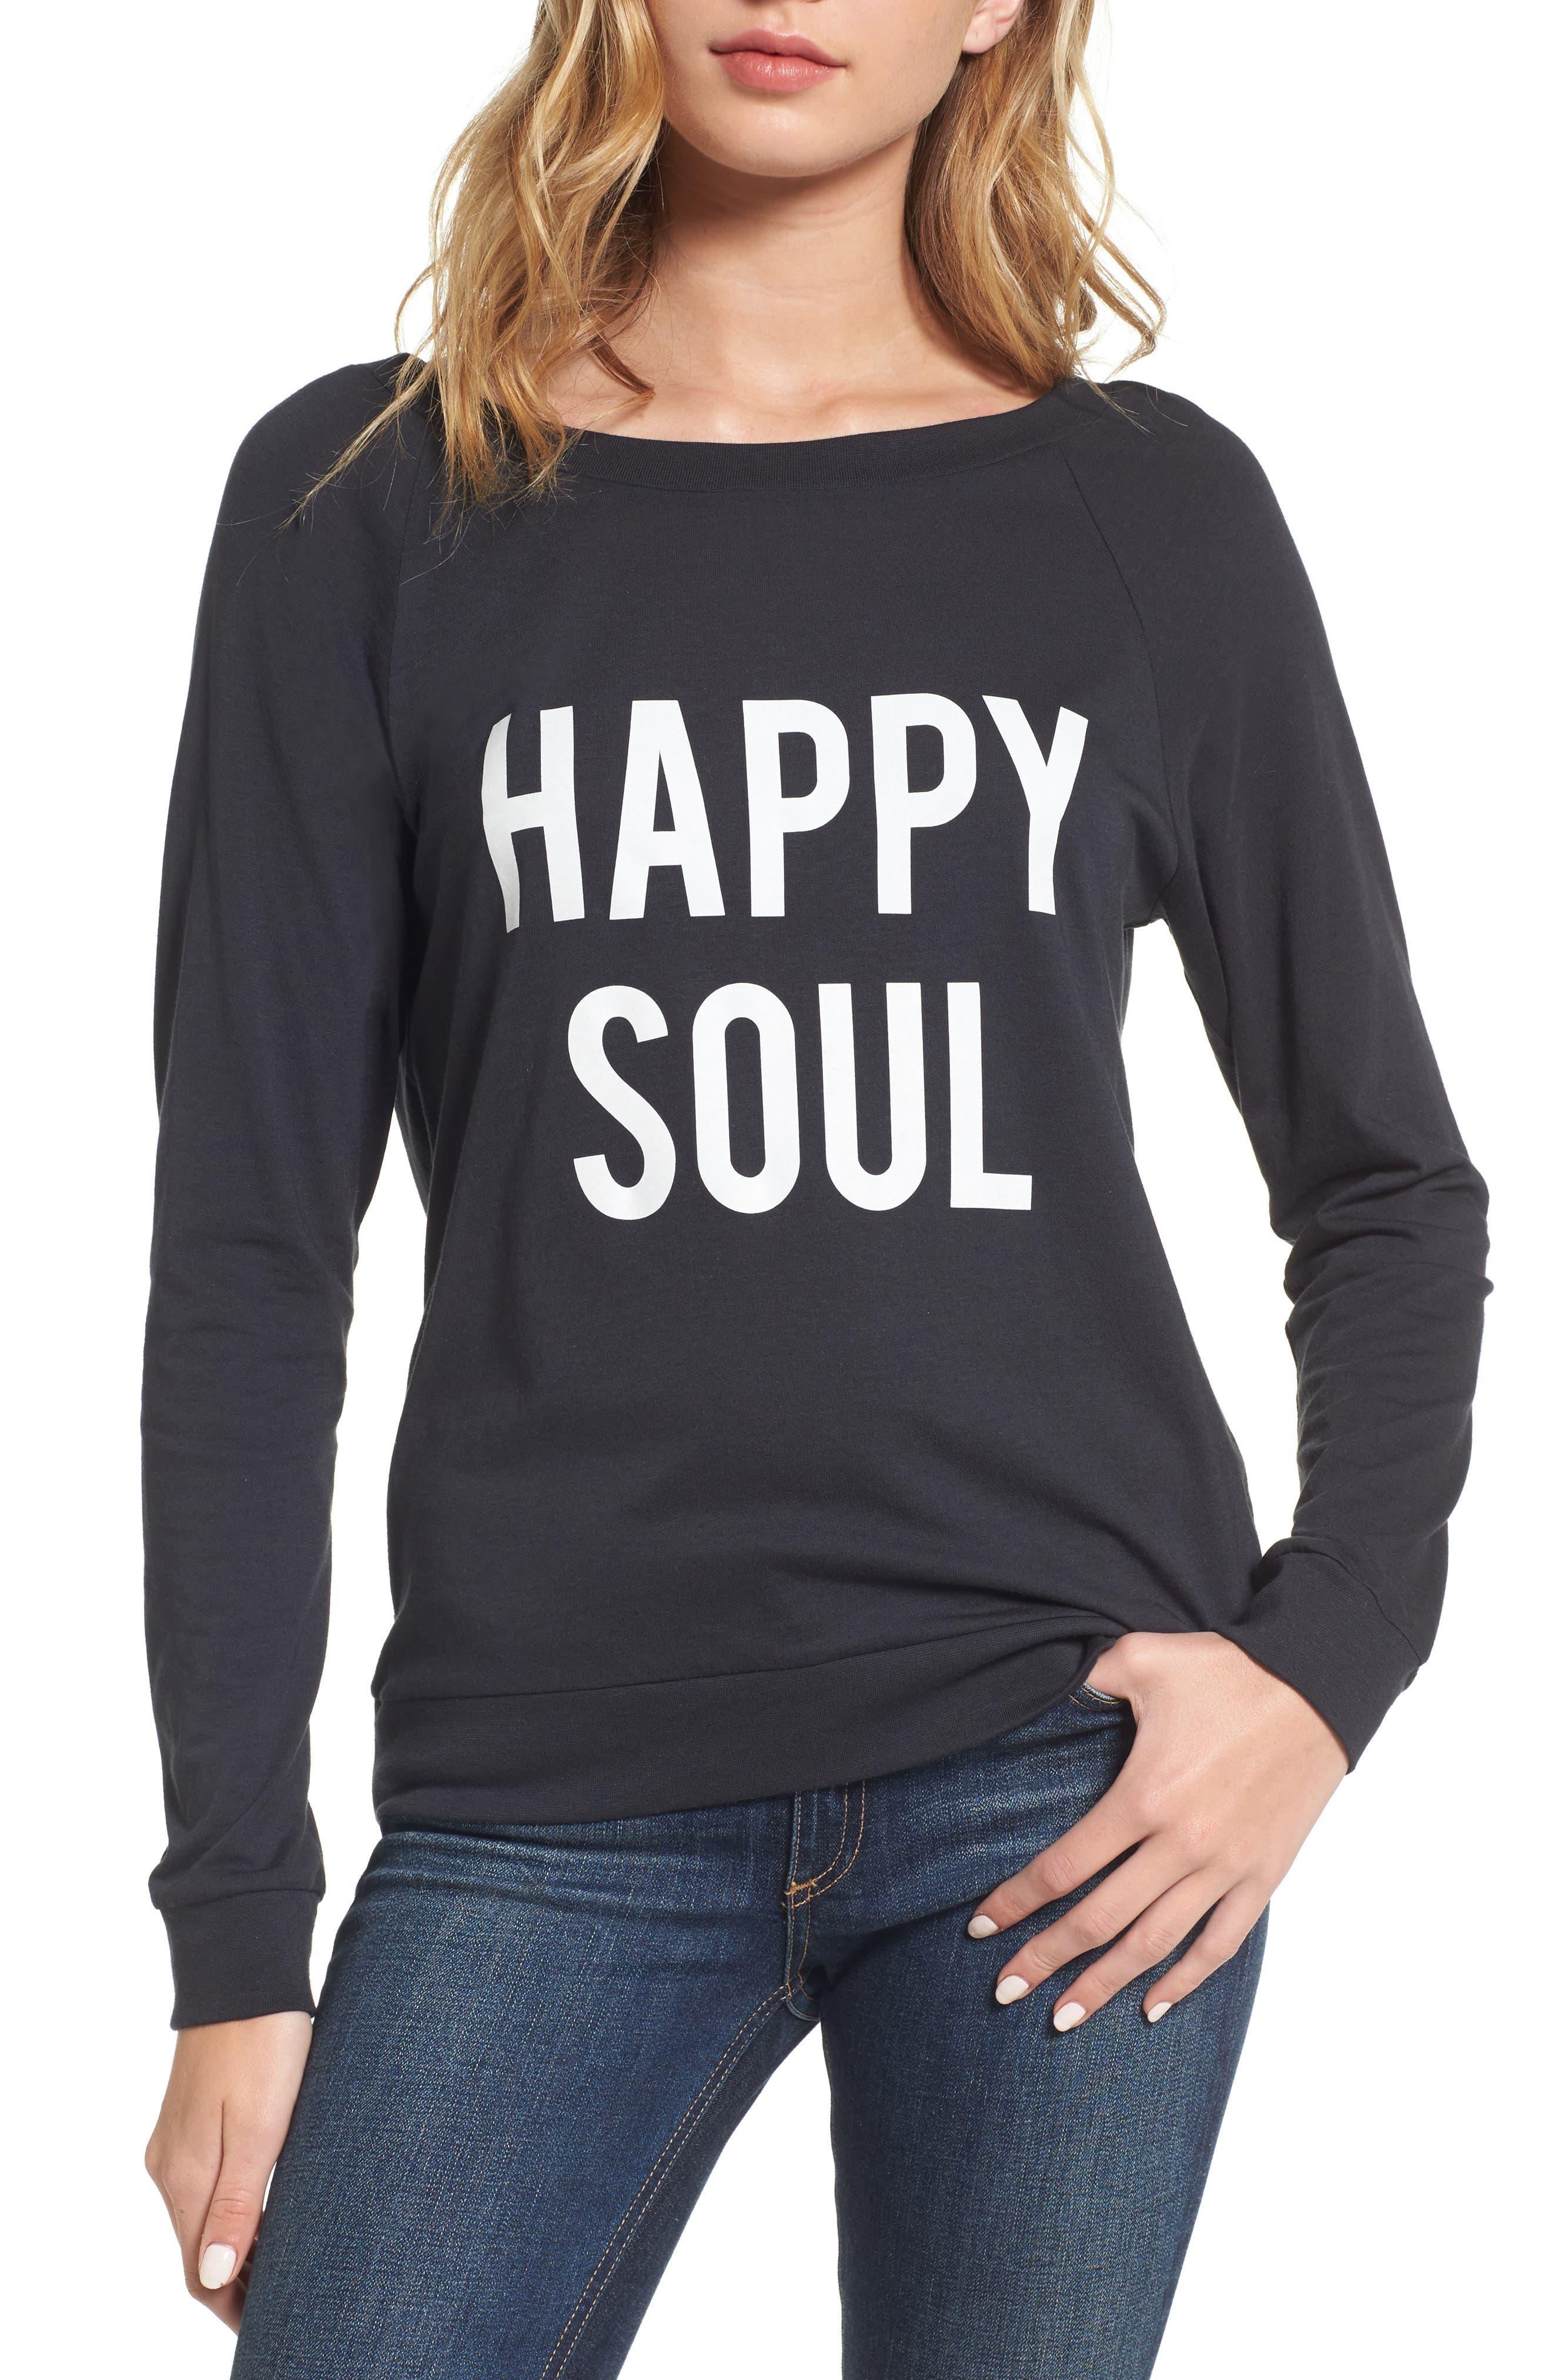 Happy Soul Long Sleeve Tee,                             Main thumbnail 1, color,                             Black